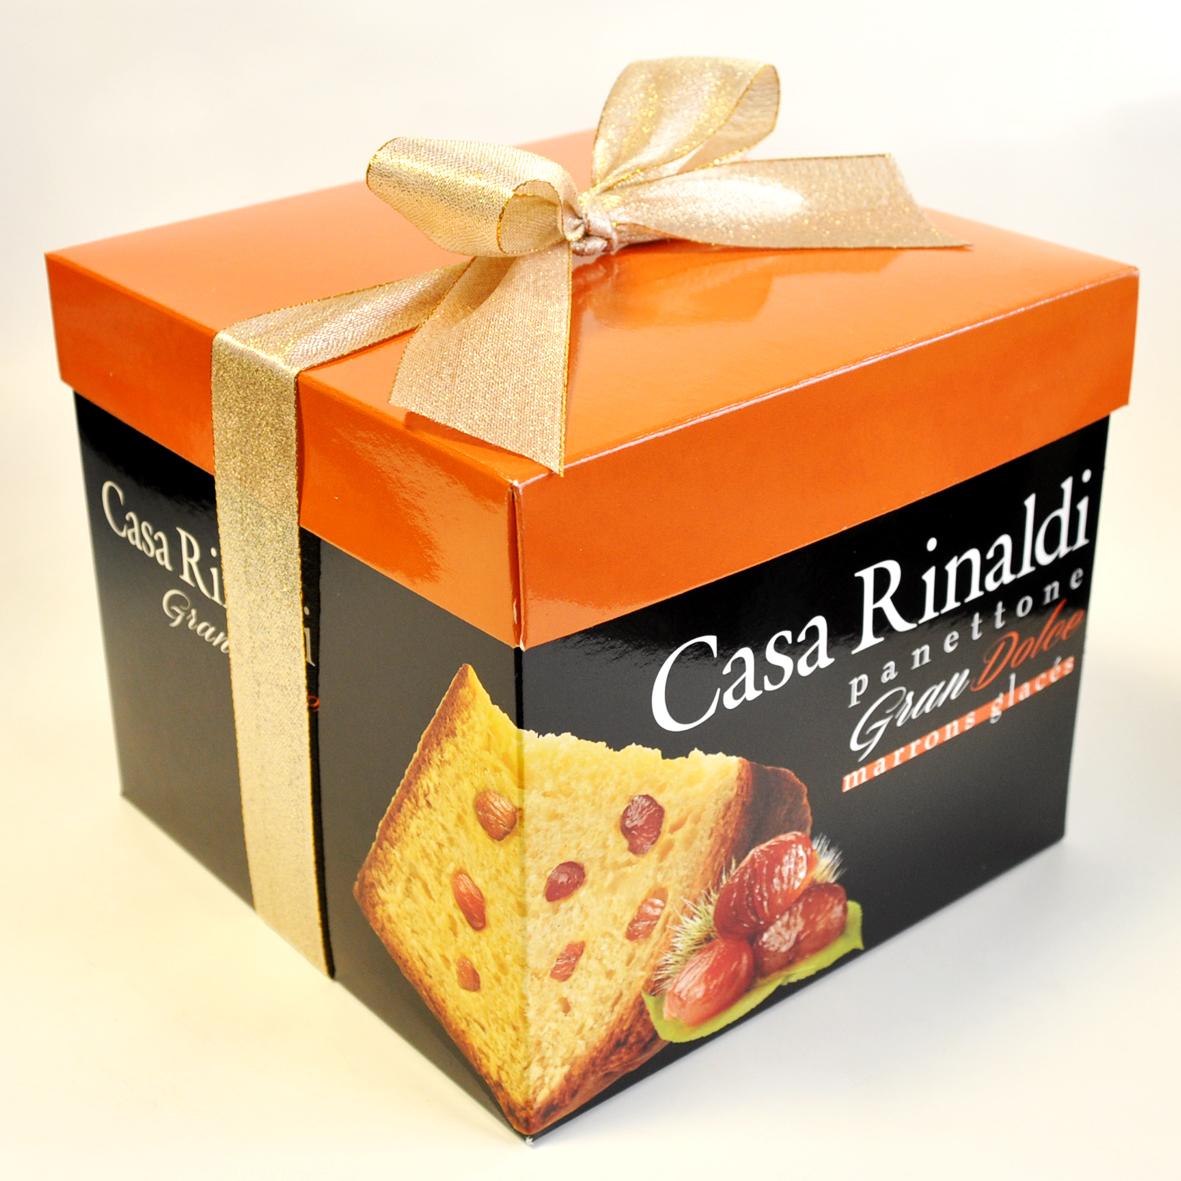 Кулич с кусочками сахарного каштана в подарочной коробке Casa Rinaldi 750г